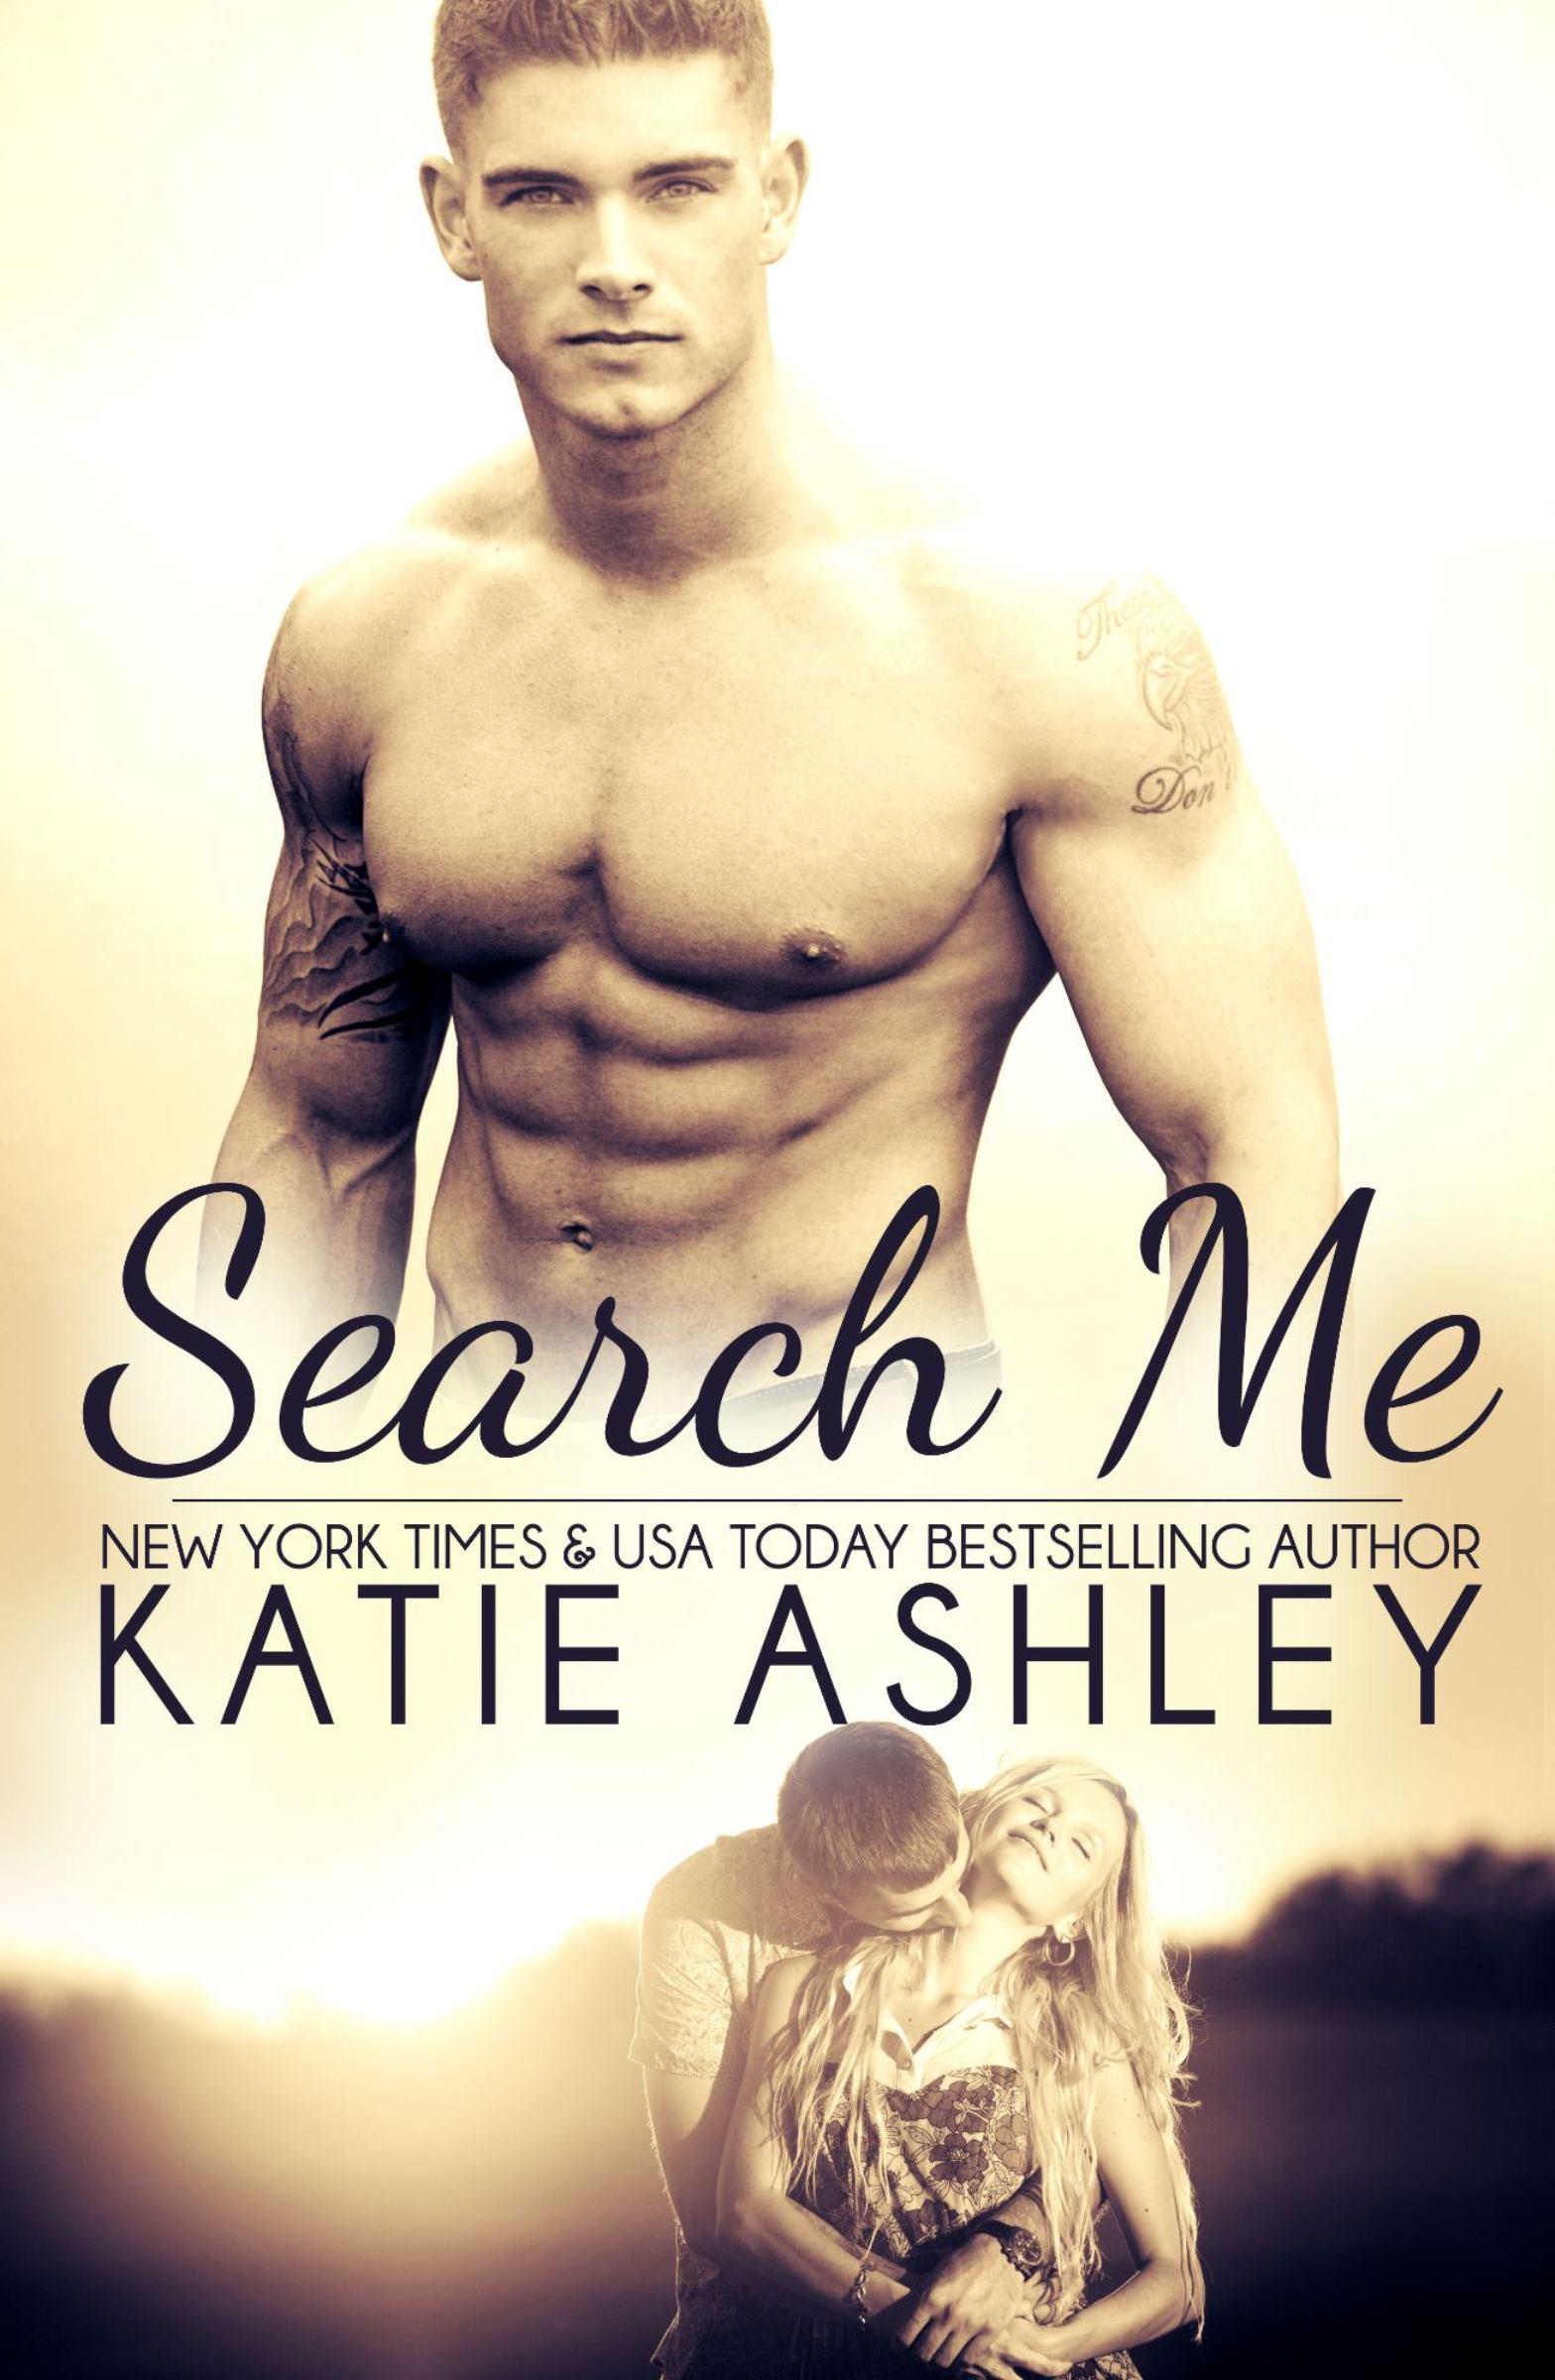 Katie Ashley - Search Me